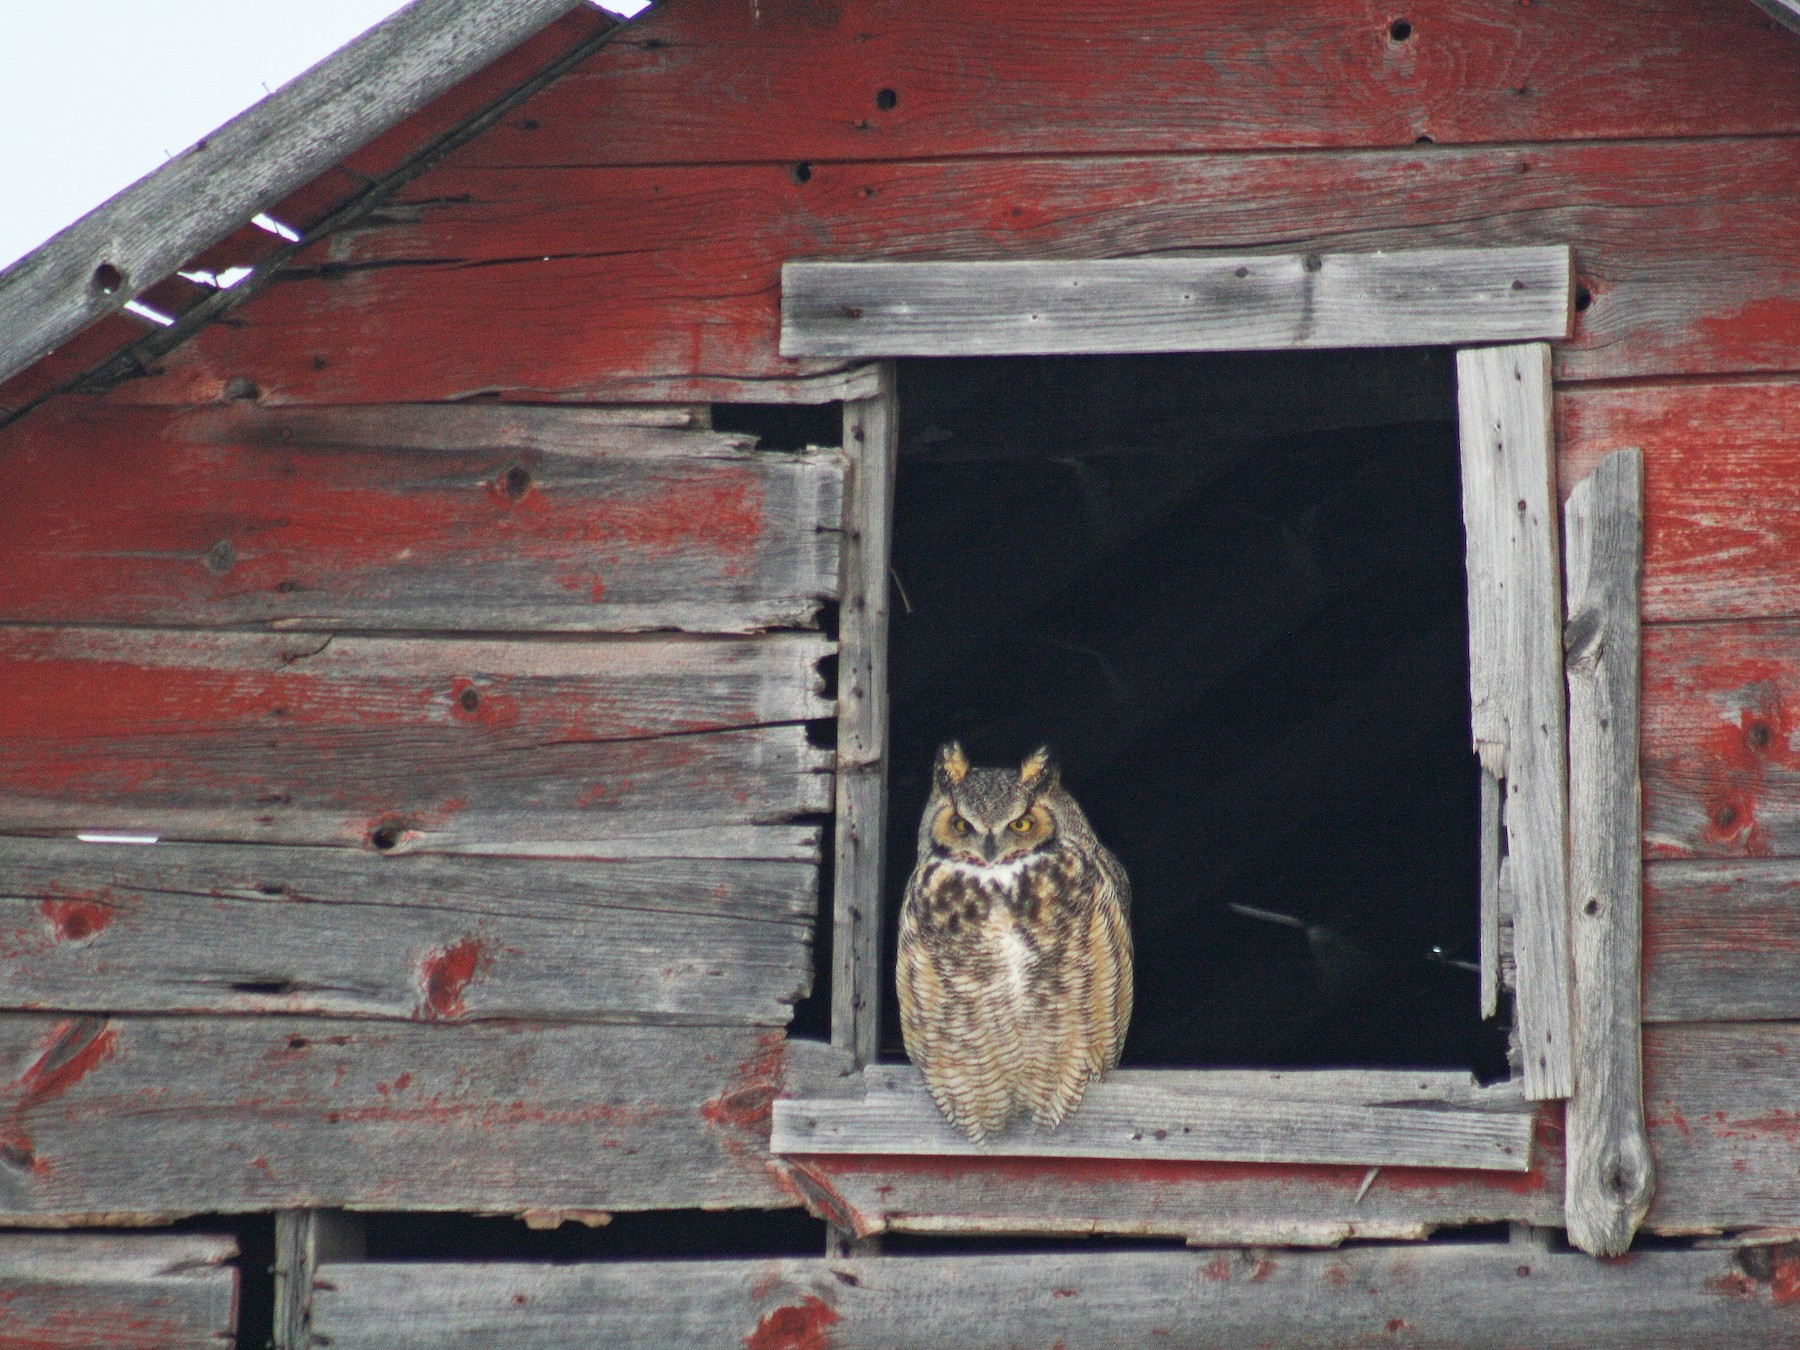 Great Horned Owl - Irene Crosland